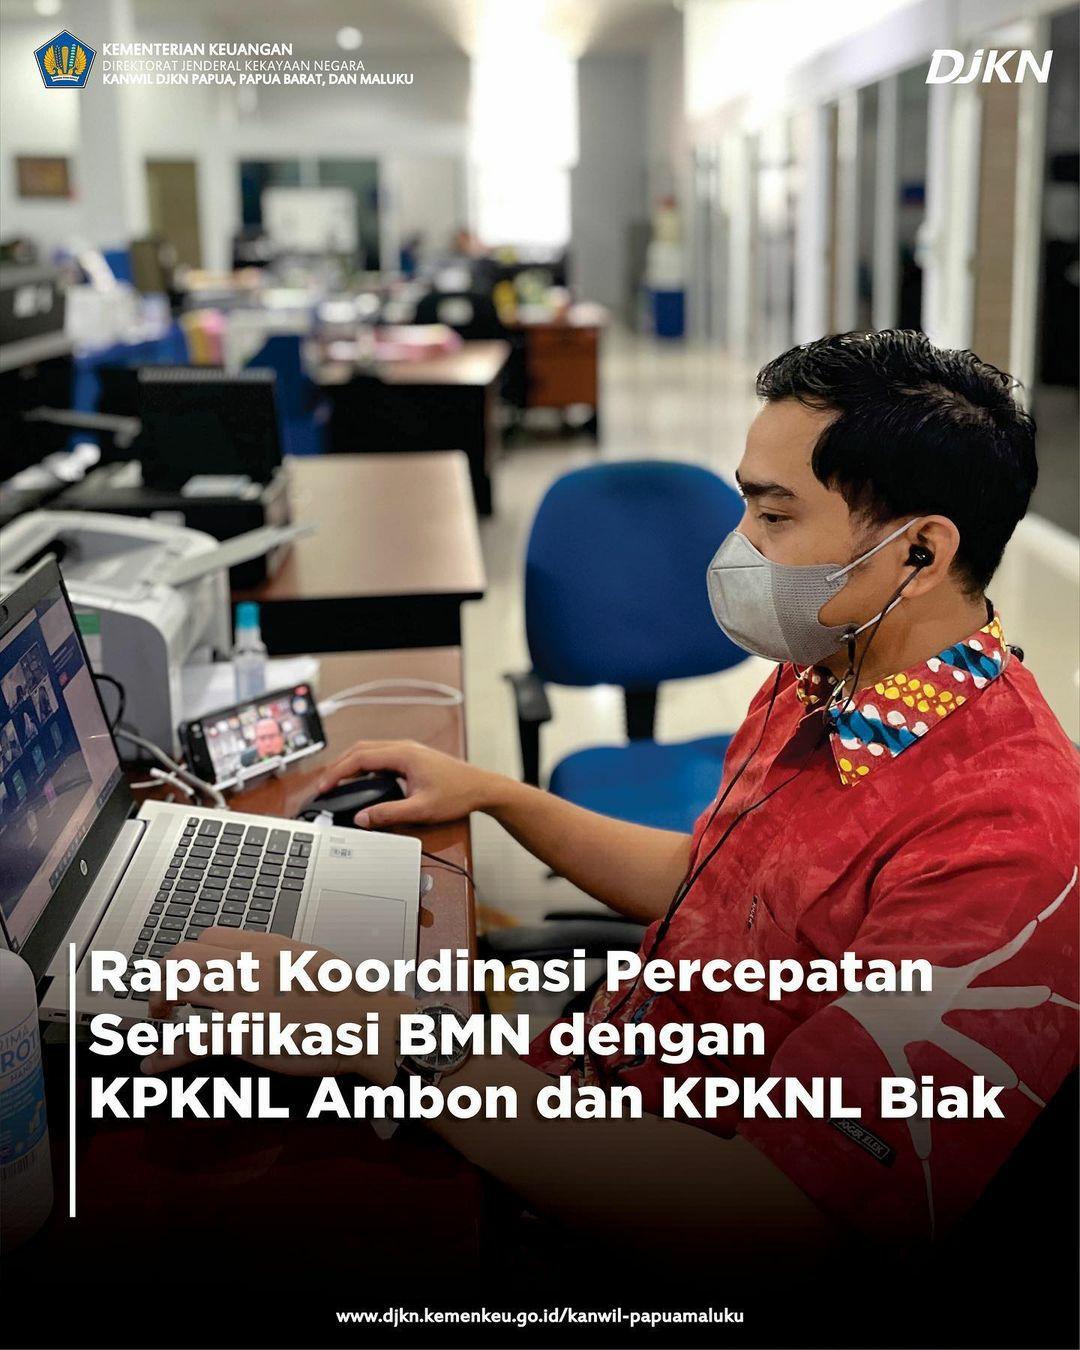 Rapat Koordinasi Percepatan Sertipikasi BMN Bersama KPKNL Ambon dan KPKNL Biak